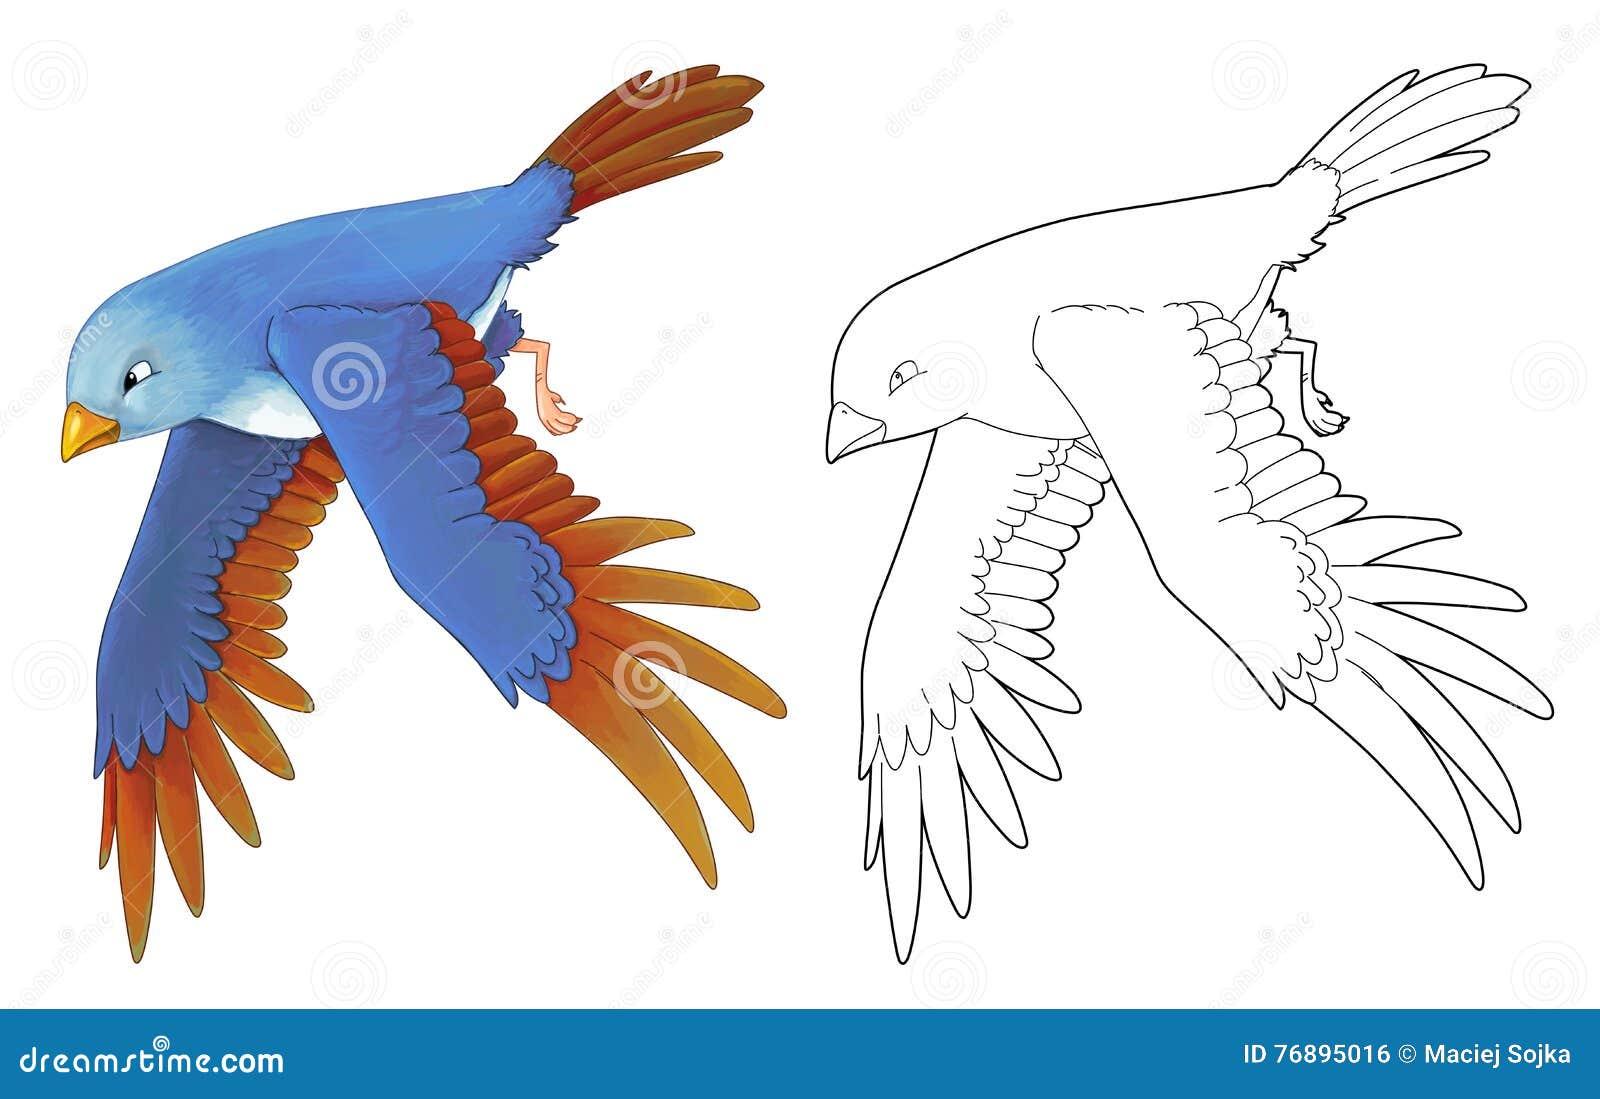 Pájaro colorido exótico de la historieta - vuelo - aislado - con la página del colorante